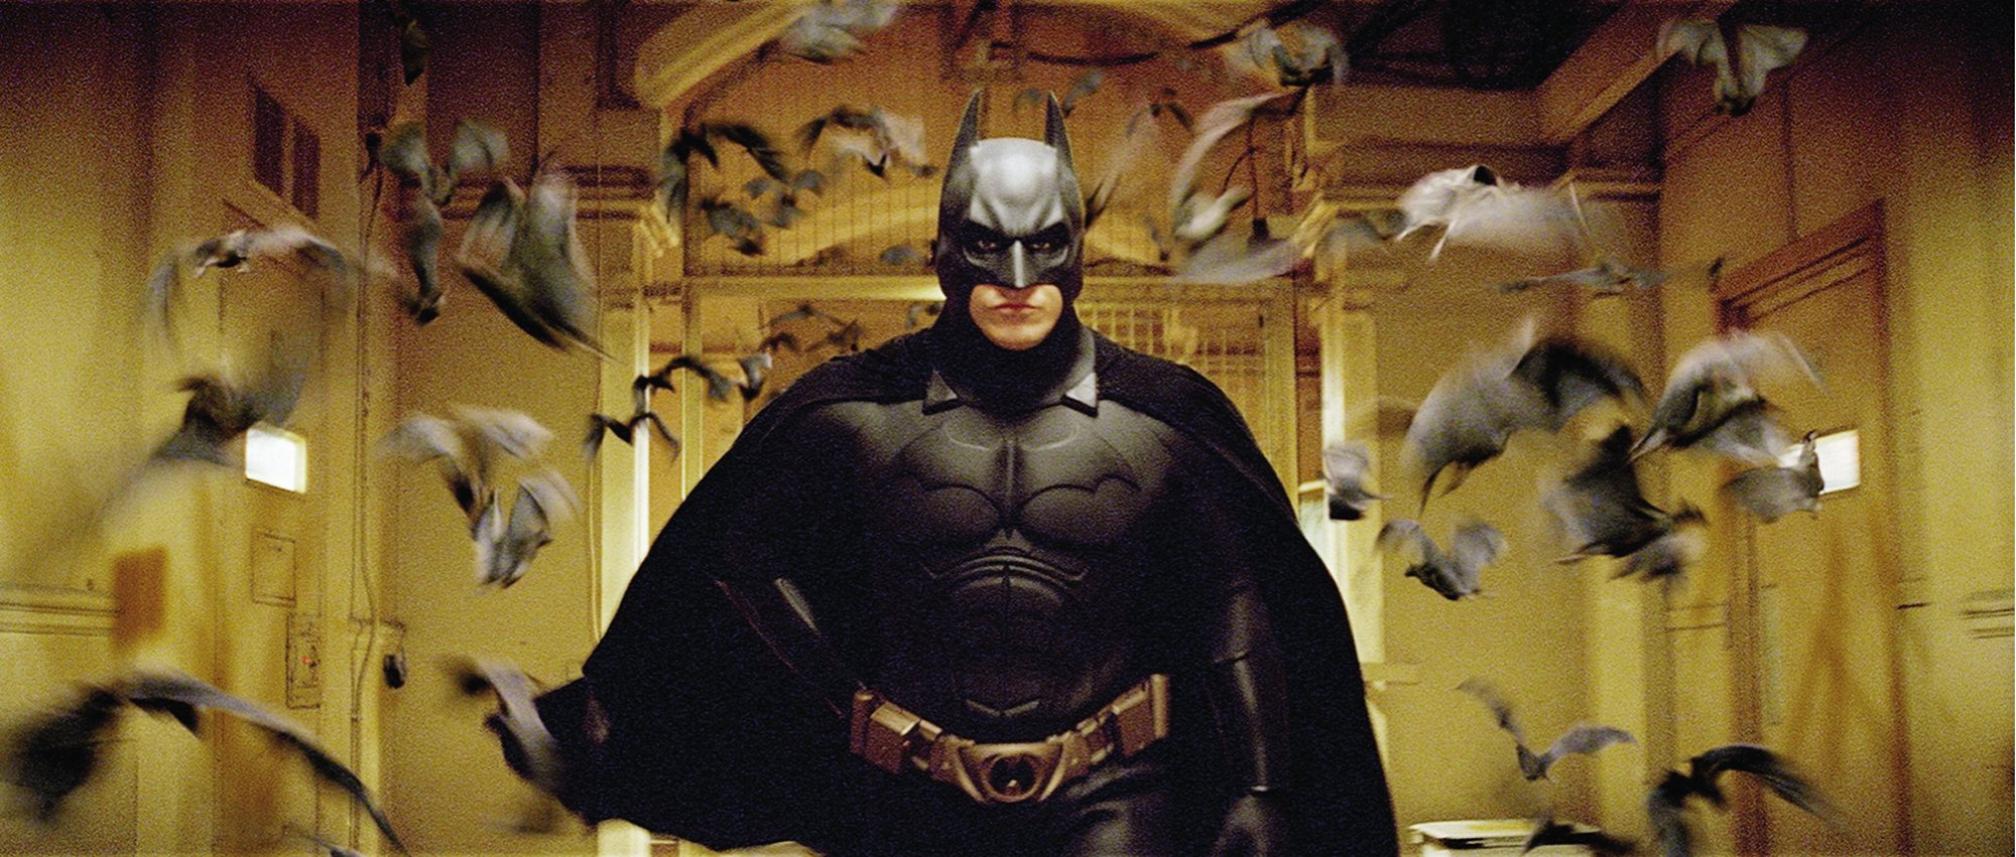 蝙蝠俠:開戰時刻劇照 1